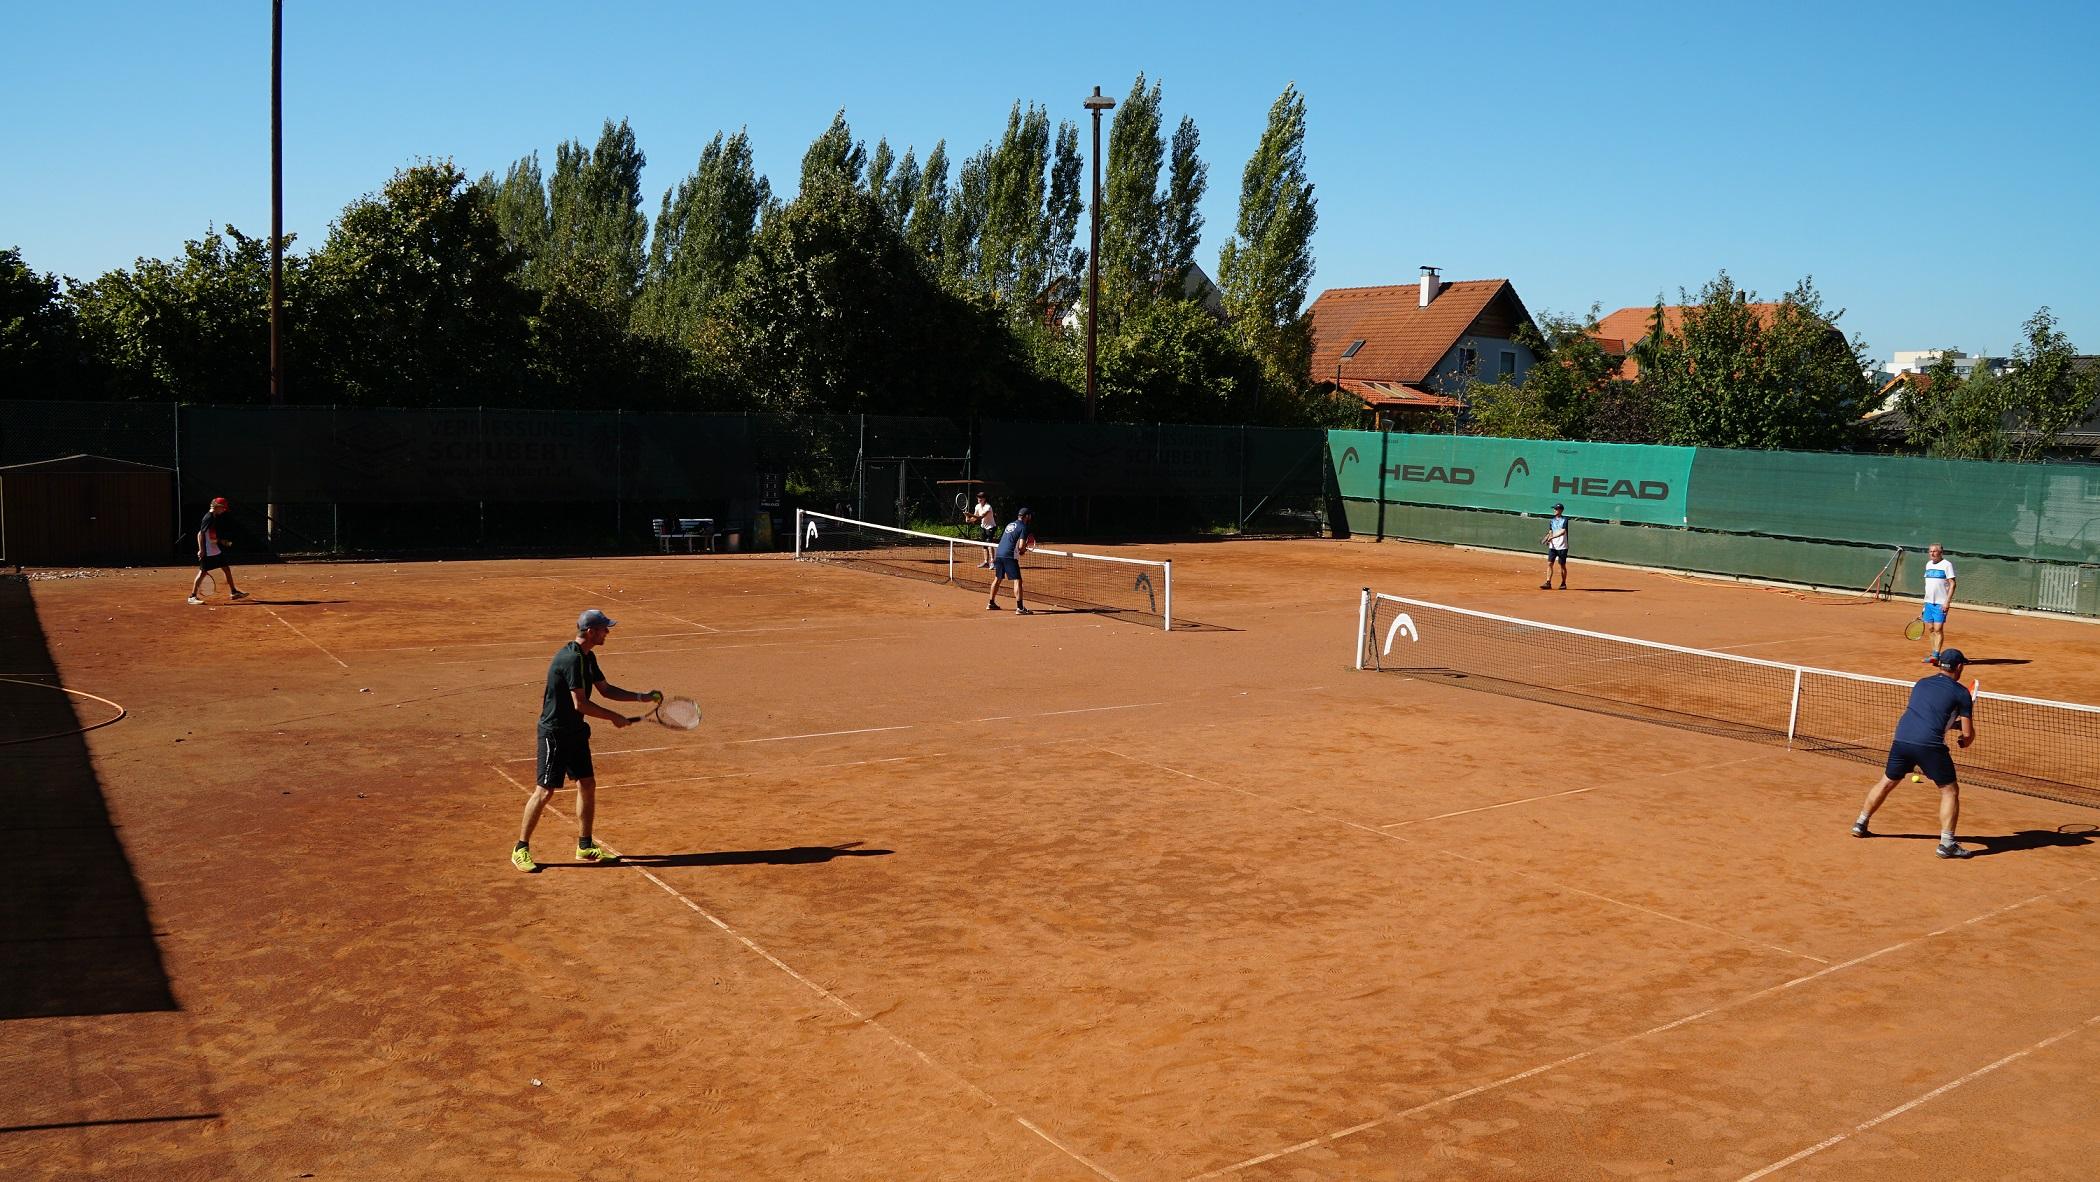 tennis-doppel-karlstetten-2021  Interne Doppelmeisterschaften bei Kaiserwetter tennis doppel karlstetten 2021